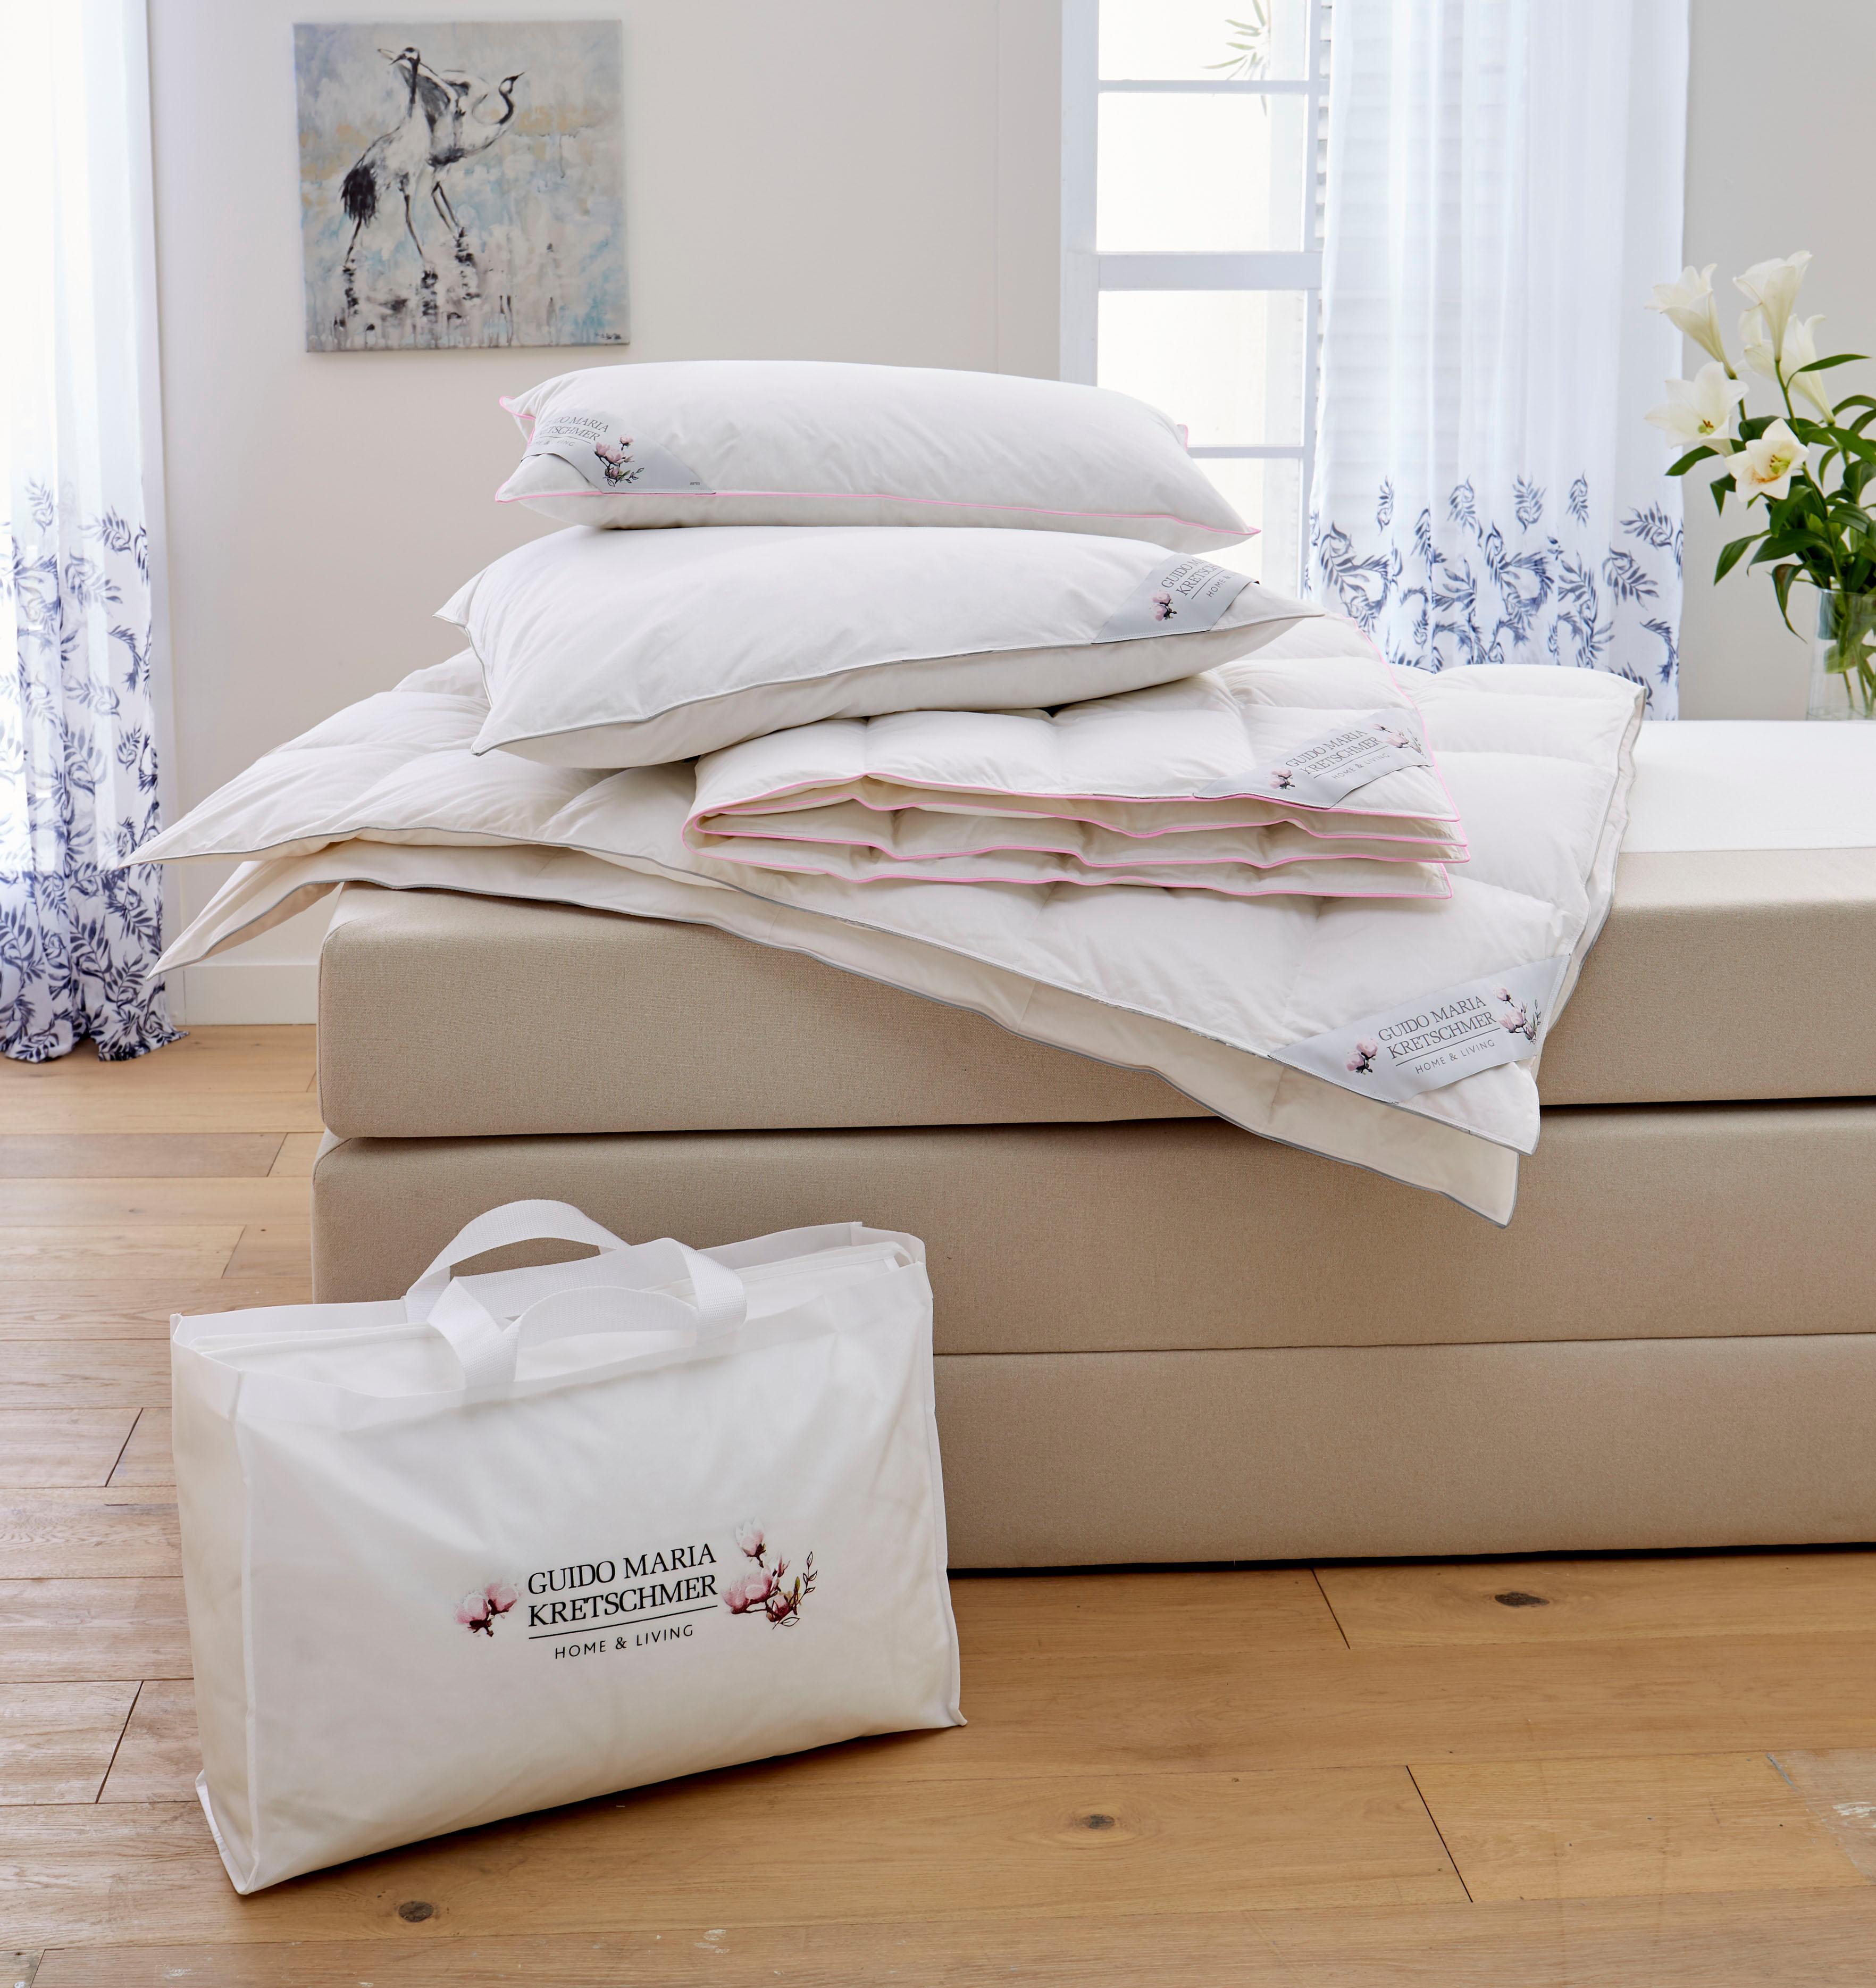 Daunenbettdecke Magnolia Guido Maria Kretschmer Home&Living normal Füllung: 100% Daunen Bezug: 100% Baumwolle